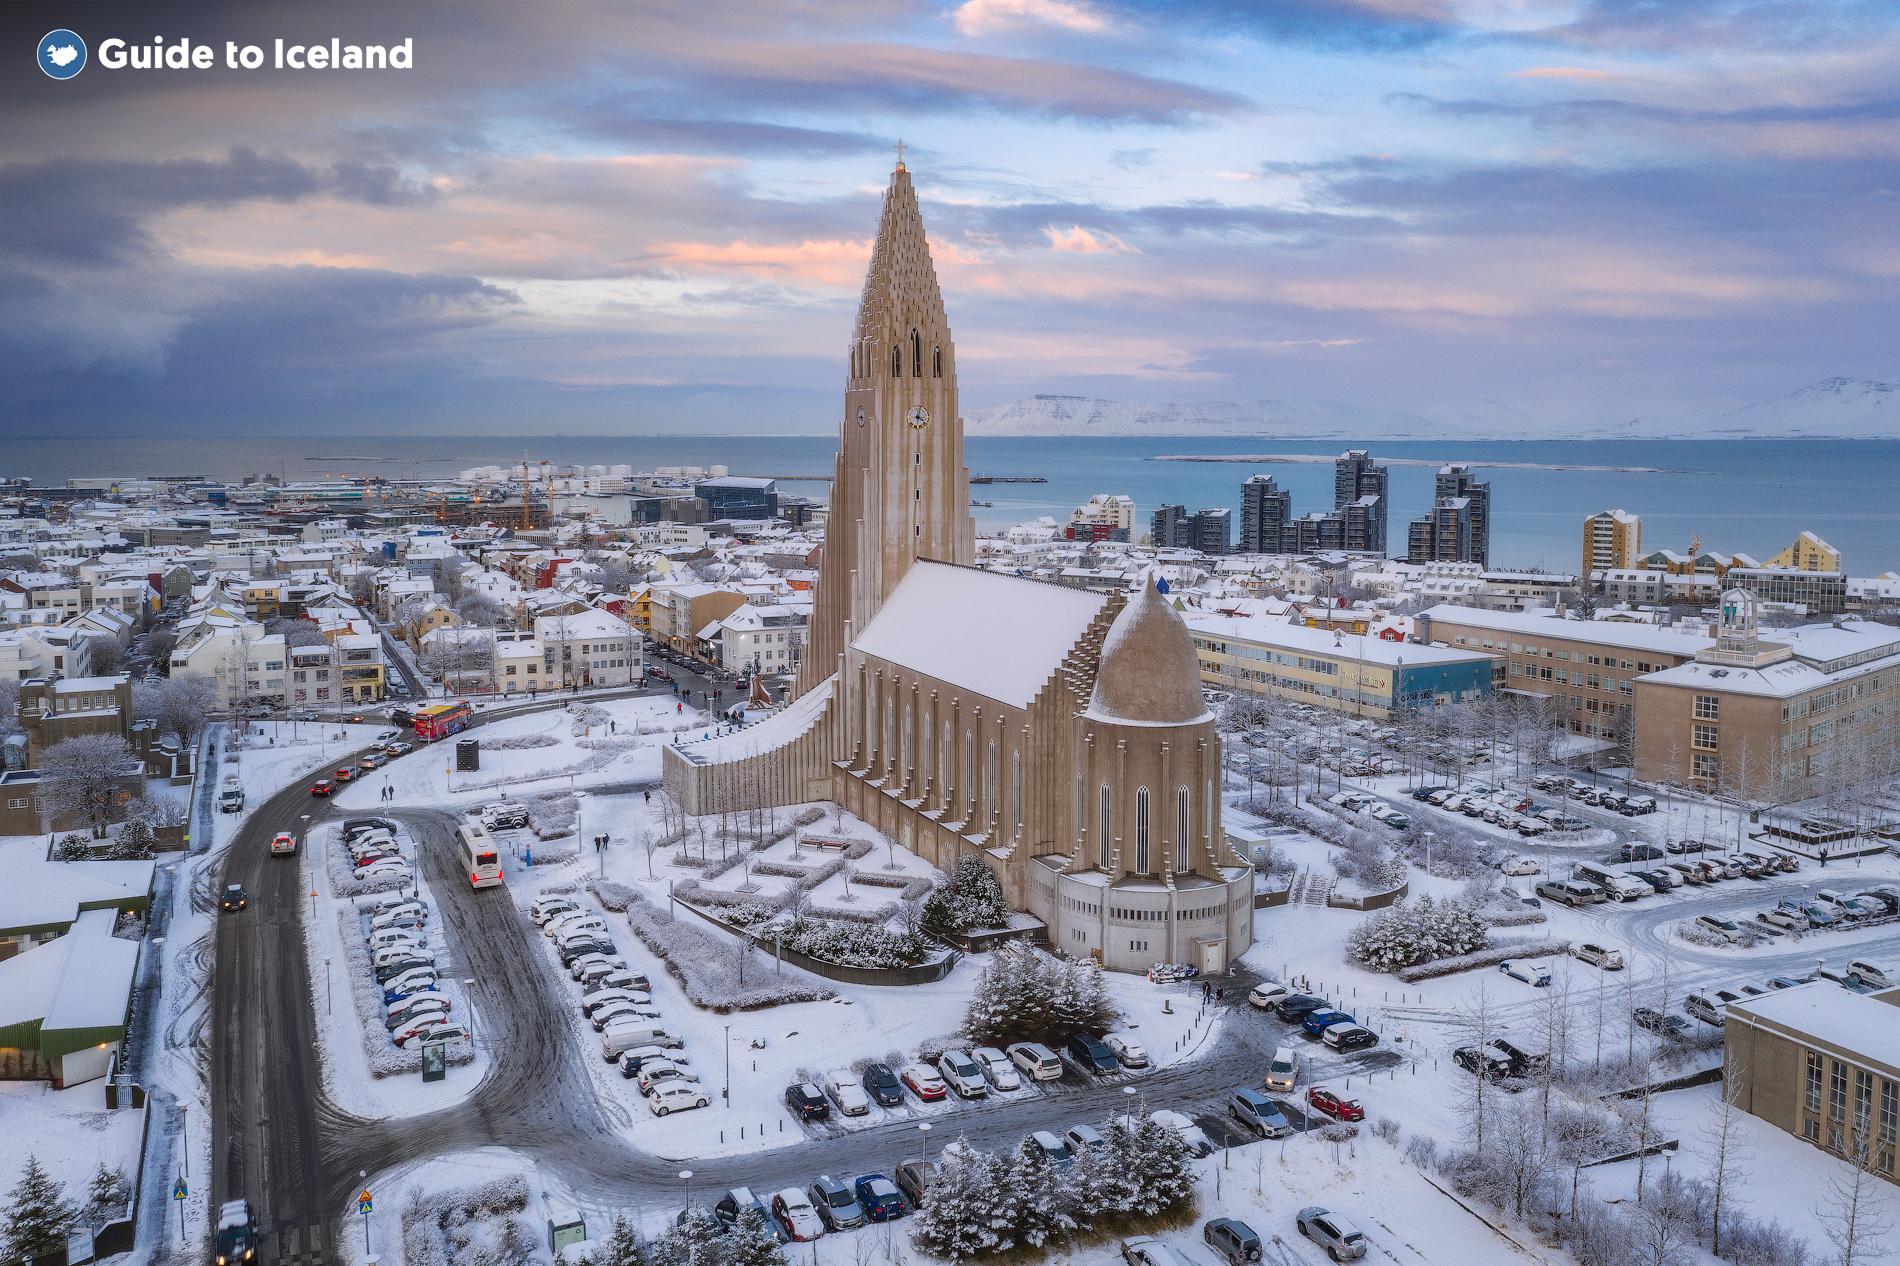 从空中鸟瞰冰岛首都雷克雅未克的哈尔格林姆斯大教堂